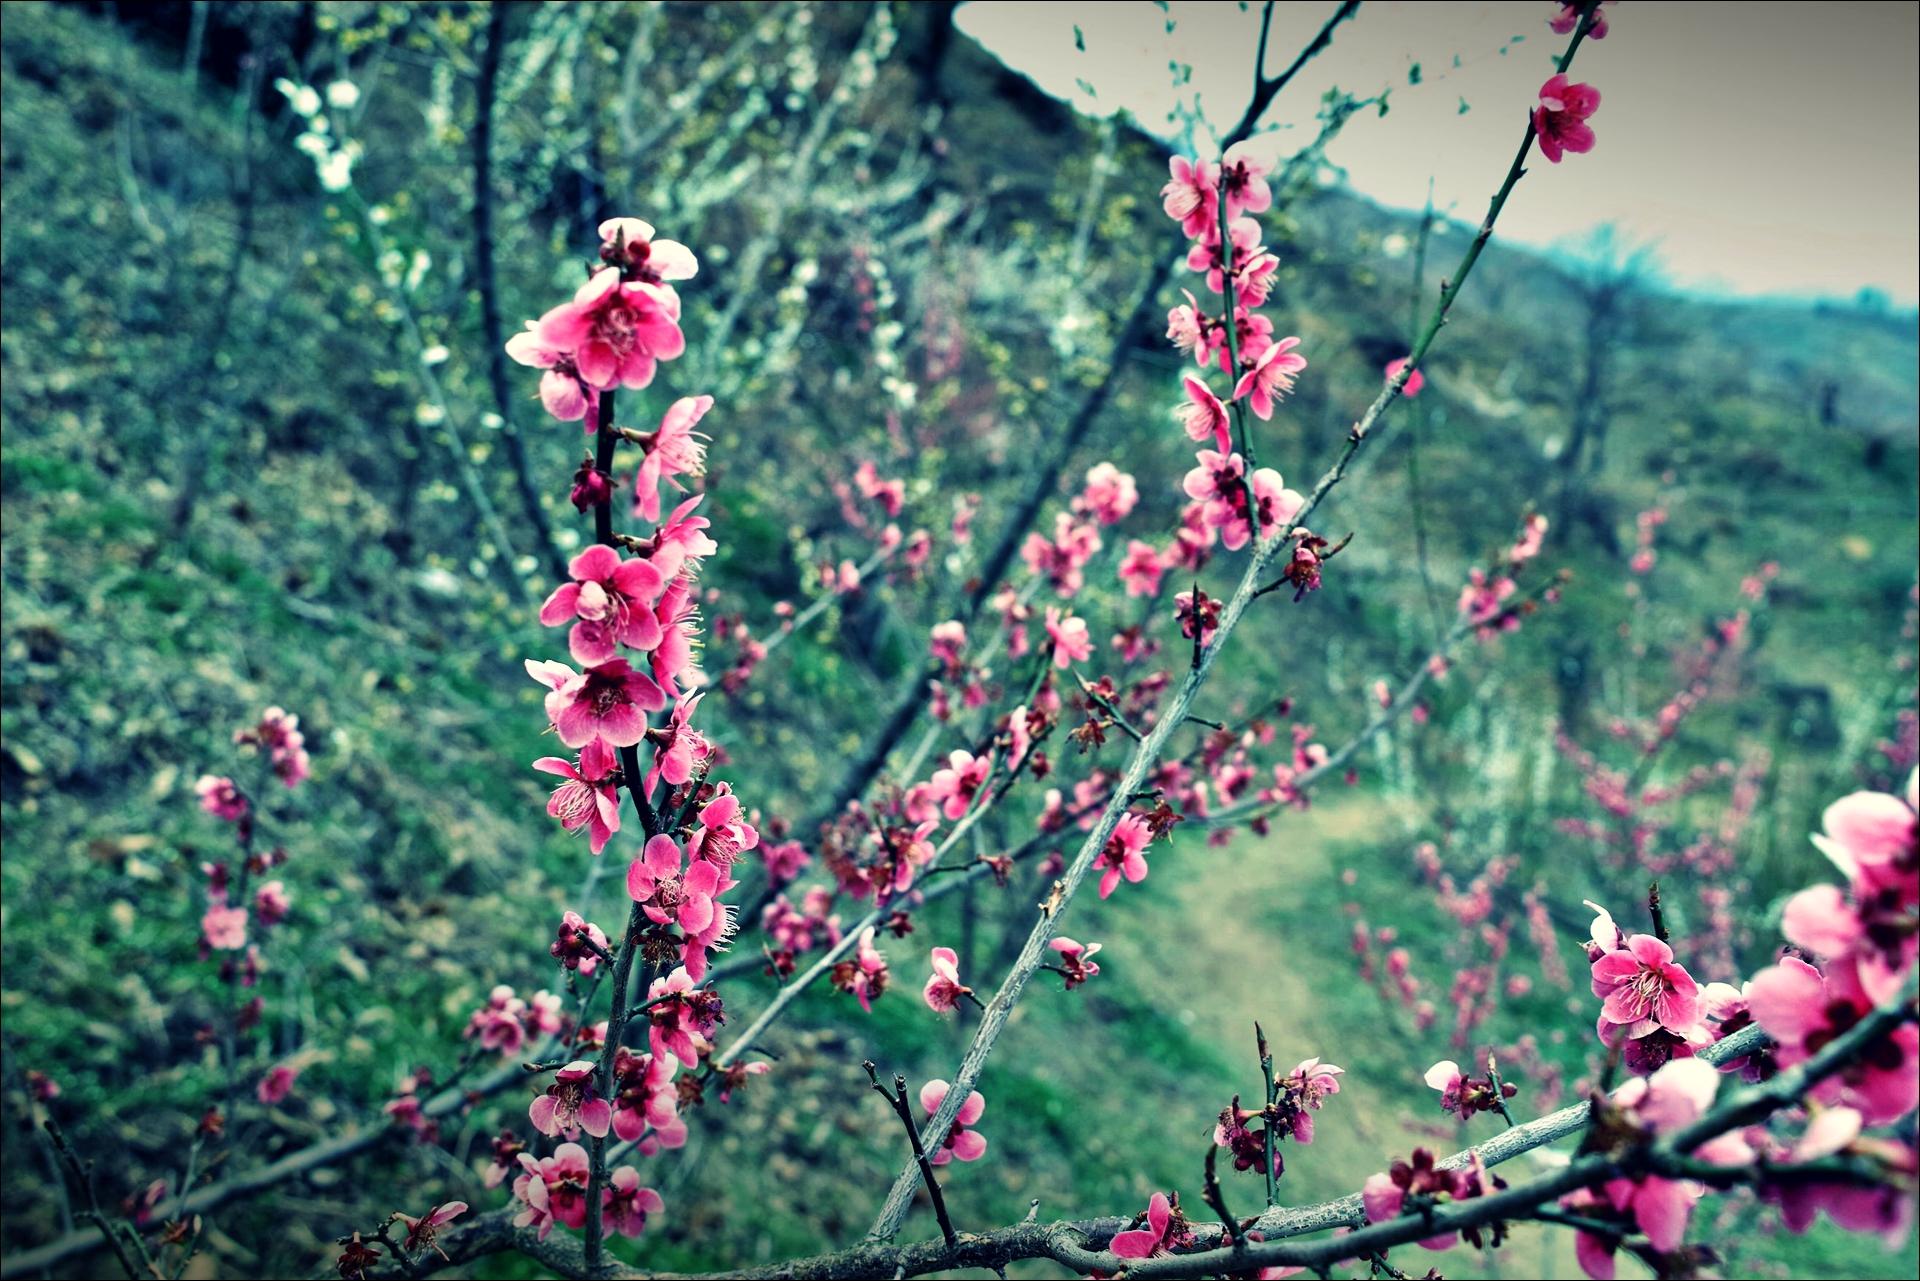 홍쌍리 매실마을 매화축제 apricot blossom festival-'홍매화'